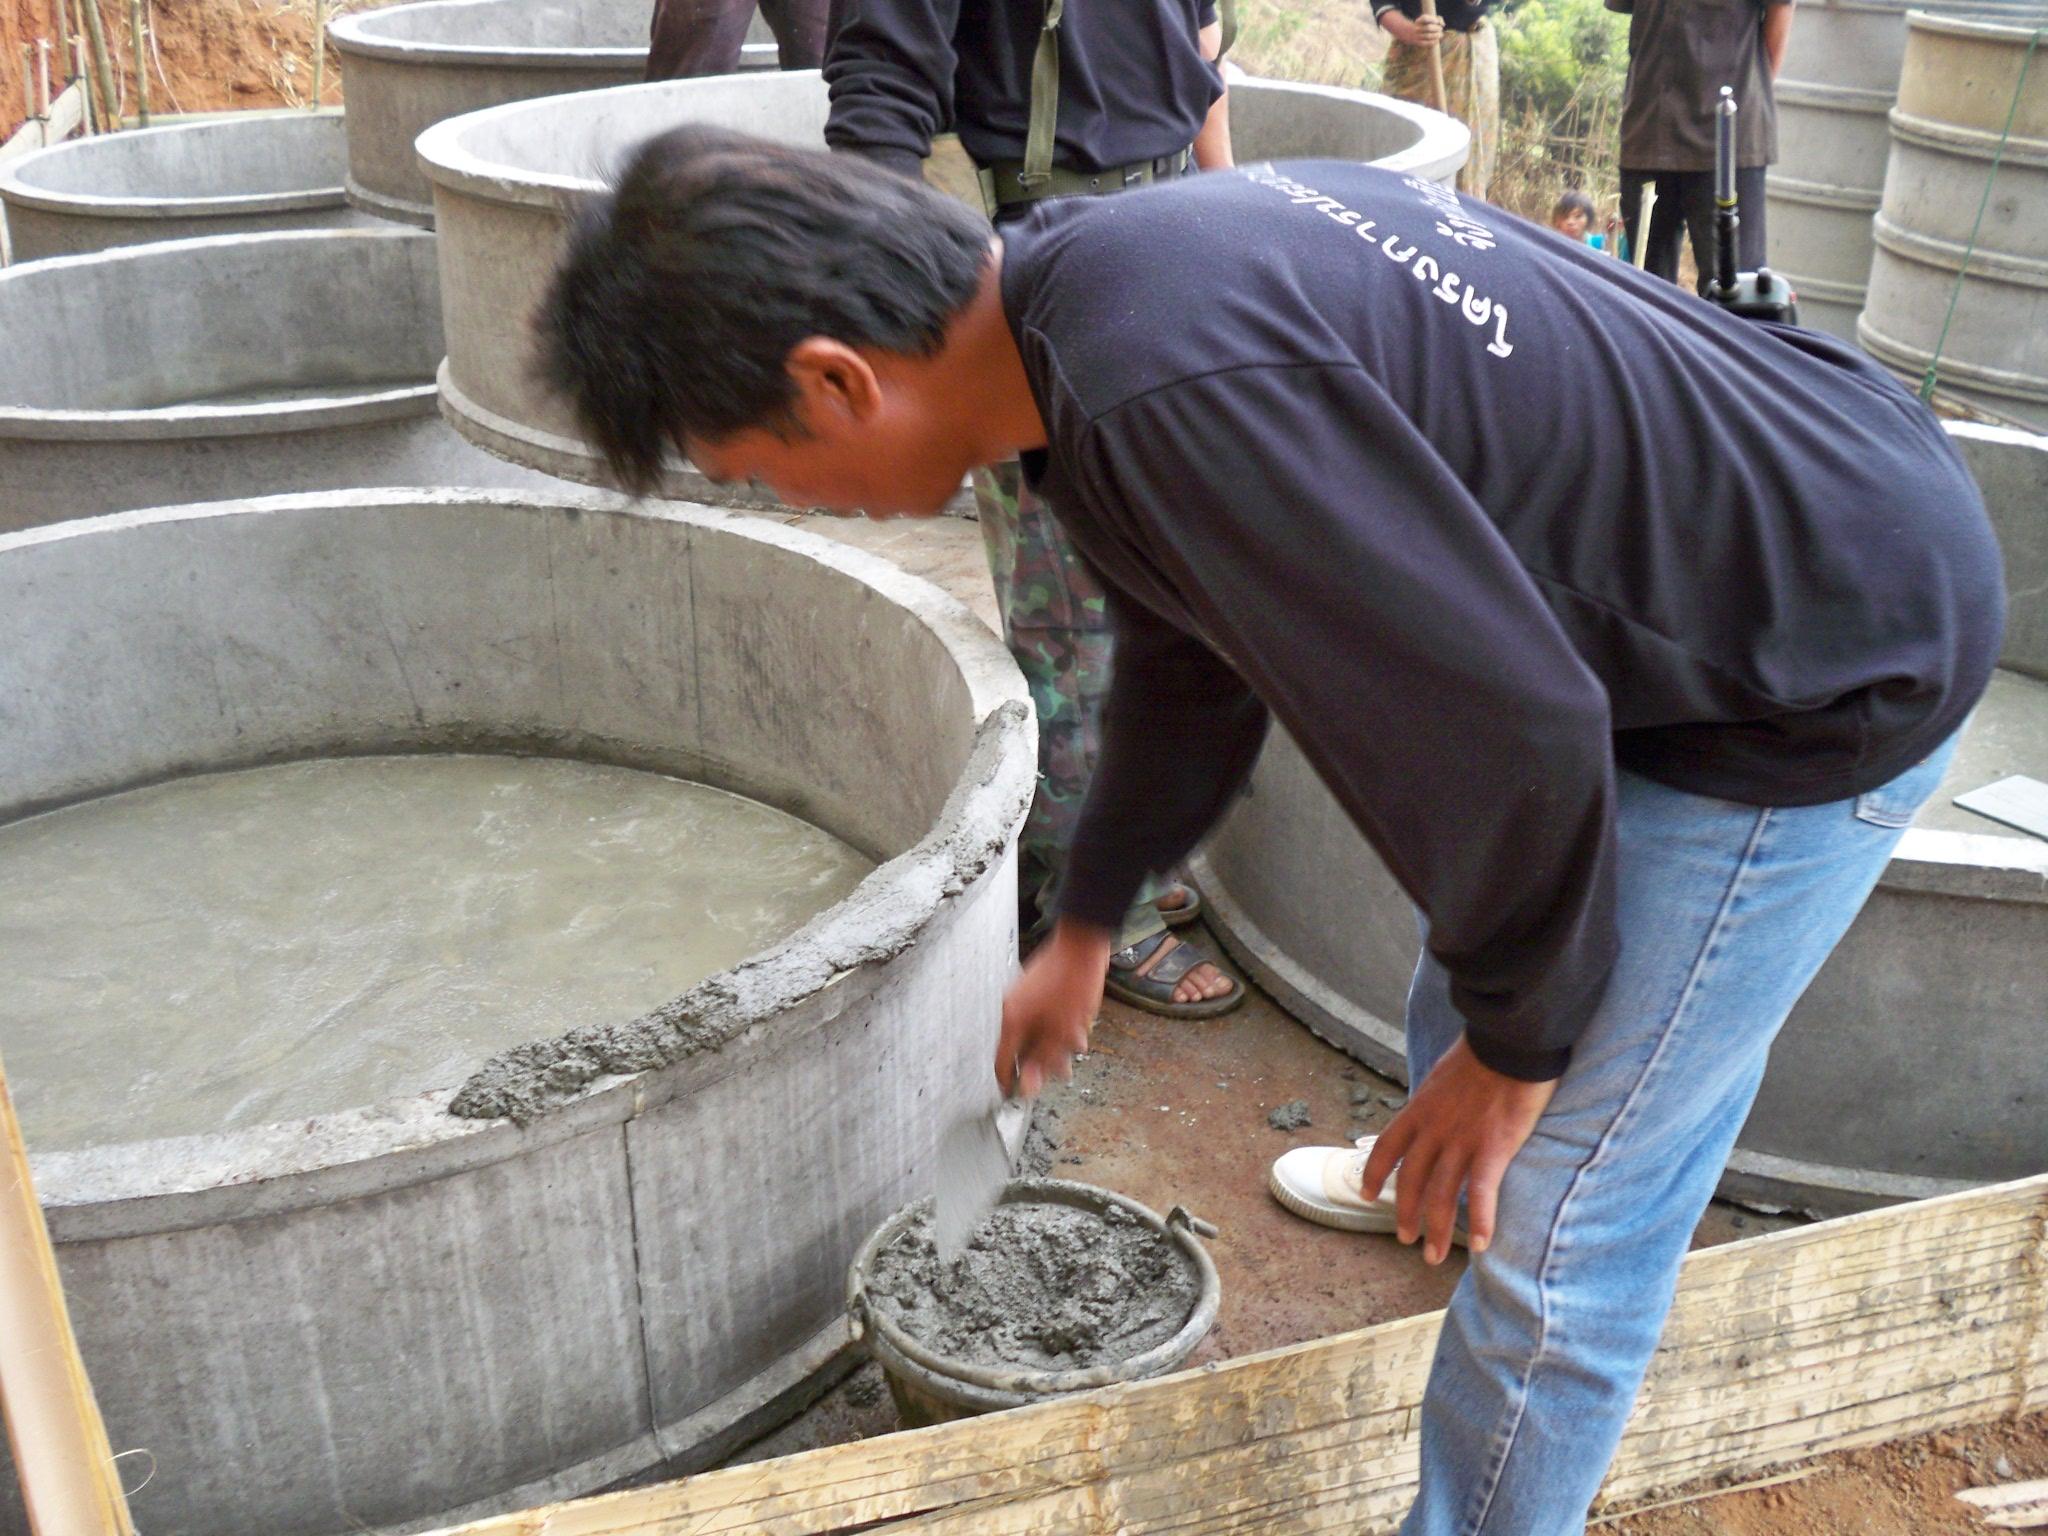 จัดเตรียมวงท่อซีเมนต์เพื่อสร้างแท็งค์น้ำ ซึ่งในหมู่บ้านมักมีผู้ที่เชี่ยวชาญ ชำนาญในเรื่องนี้มาช่วยพวกเราอยู่เสมอ